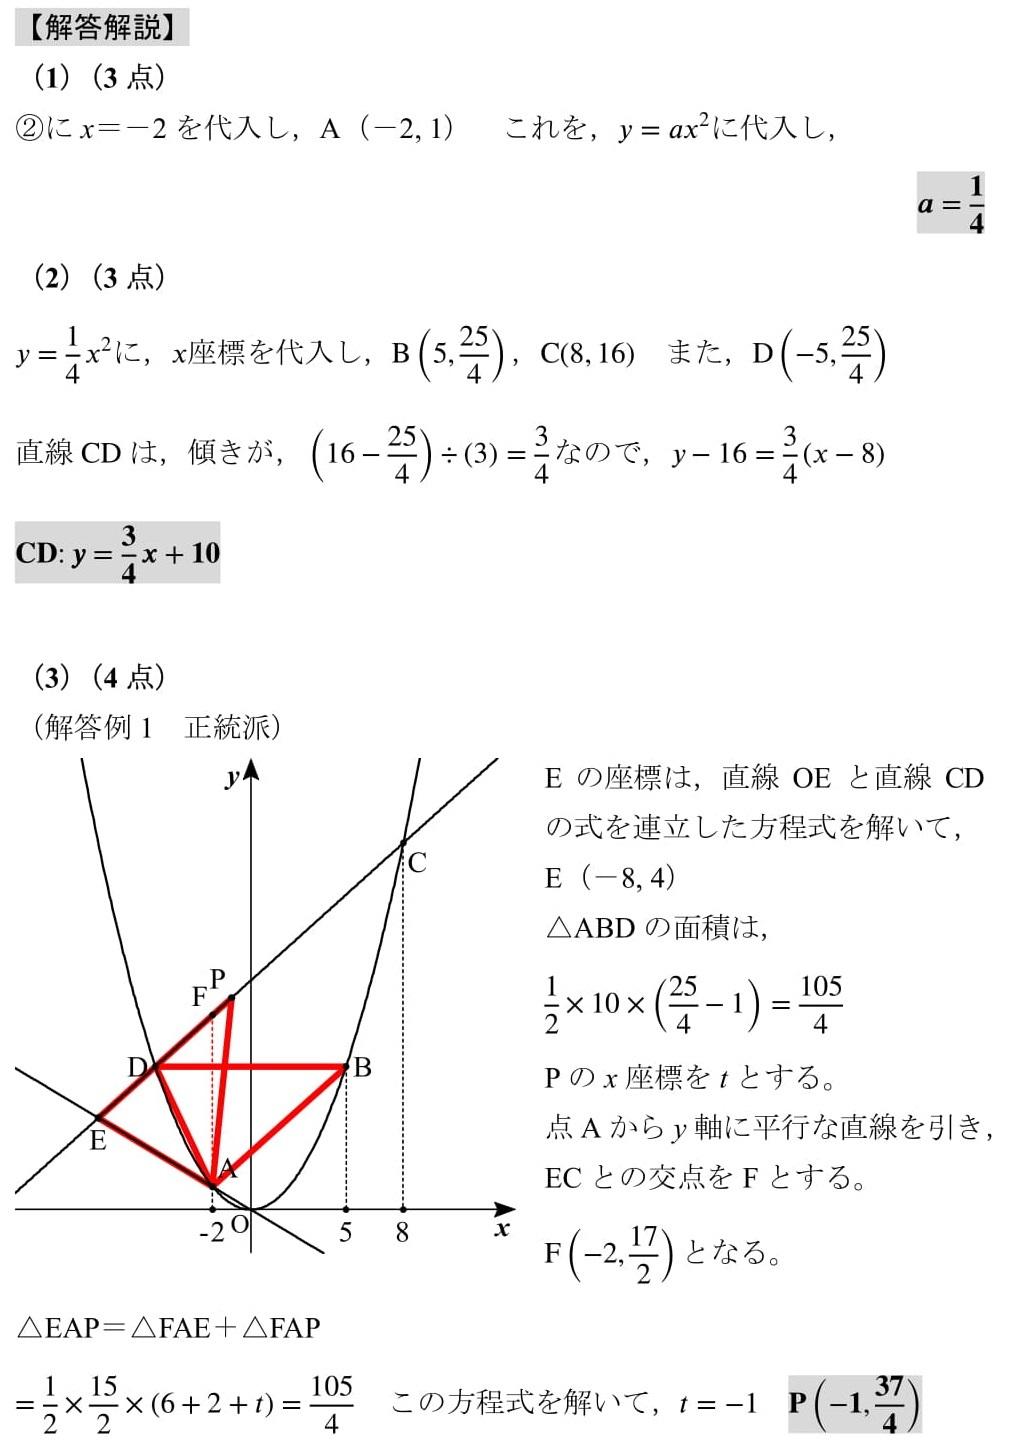 2018 熊本県 高校入試 大問5 関数 解答 解説